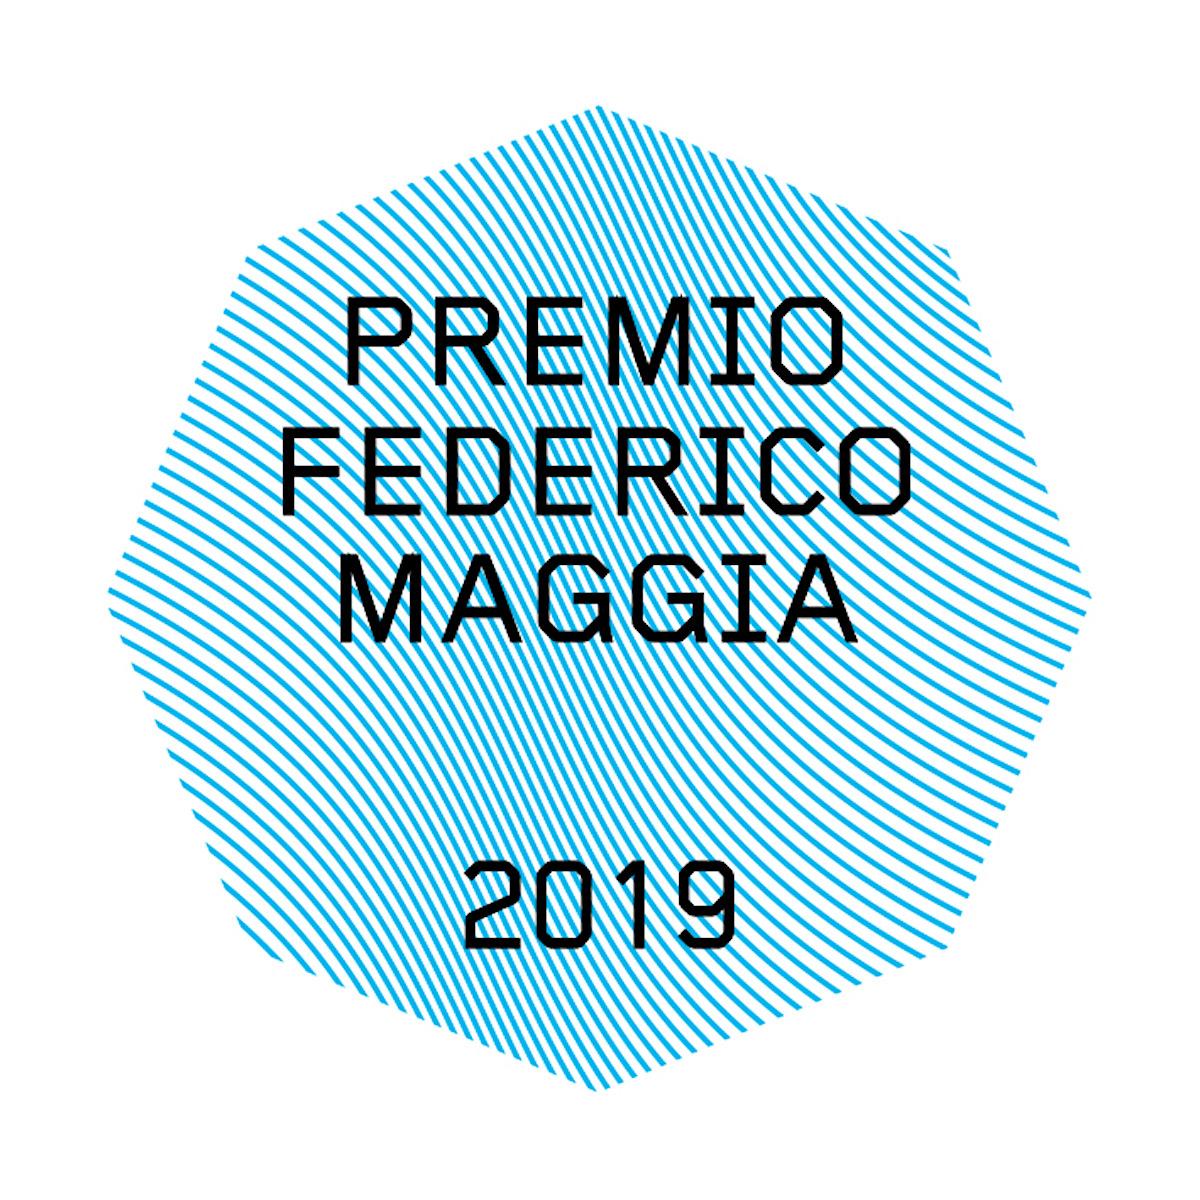 pfm 2019